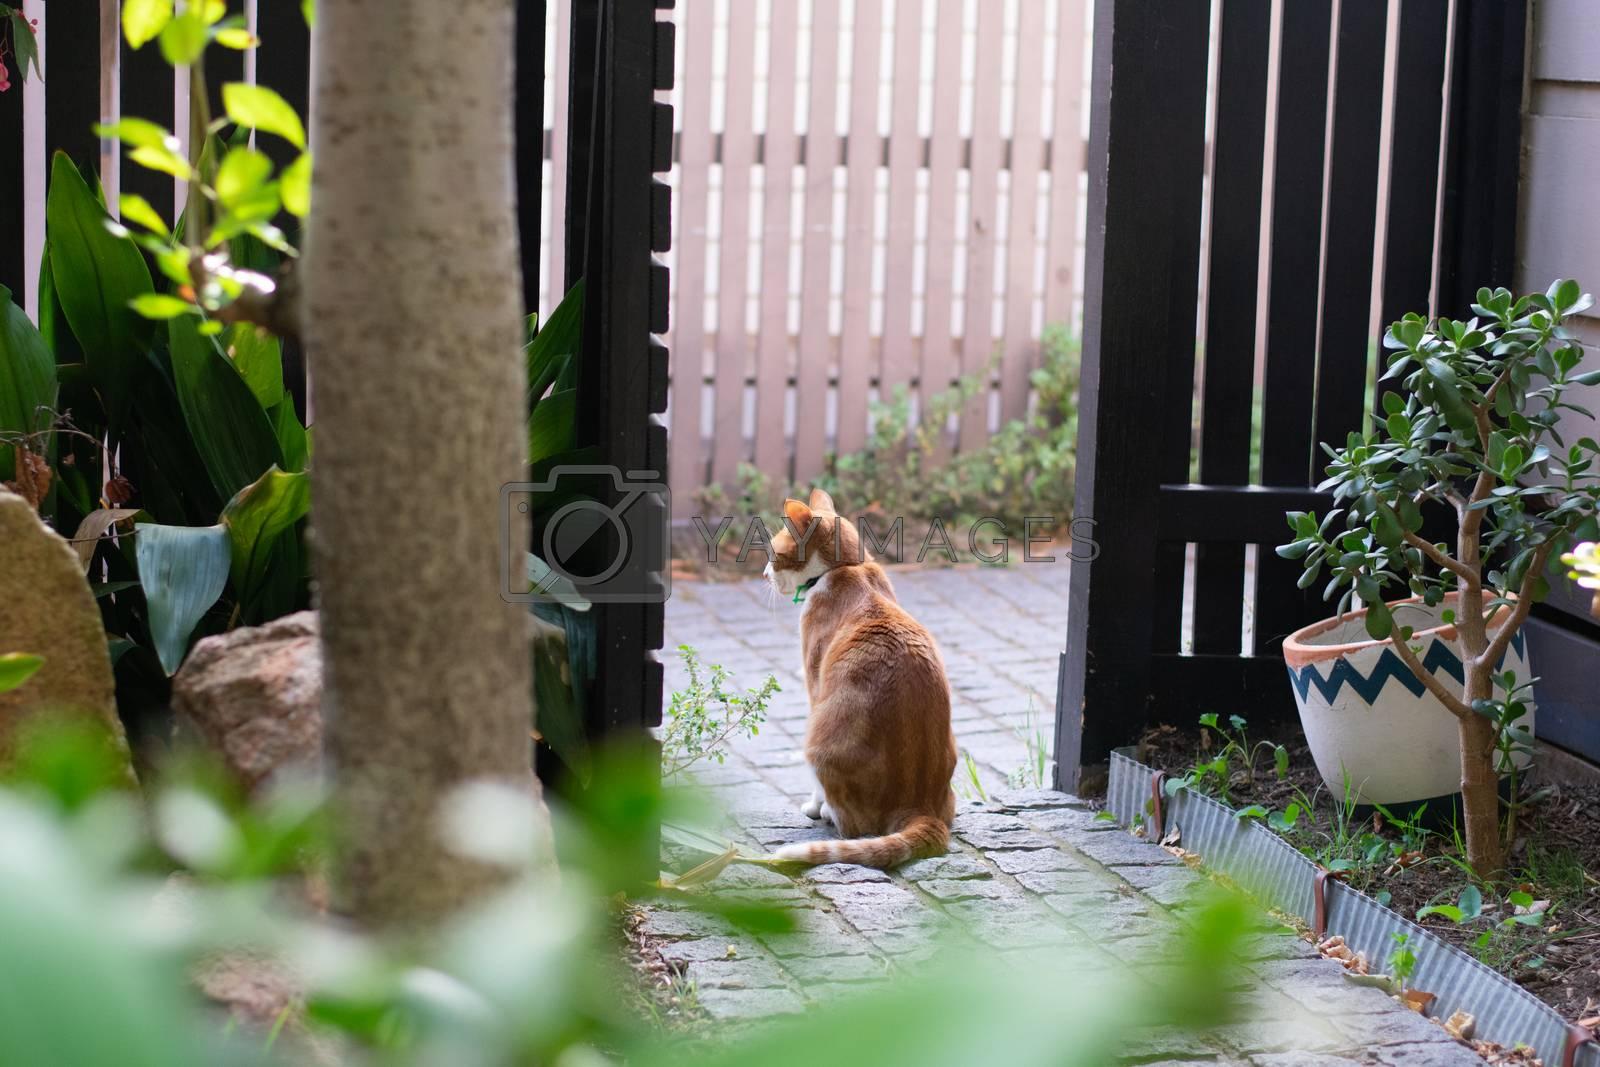 Ginger cat sitting in fence doorway looking away from camera in garden